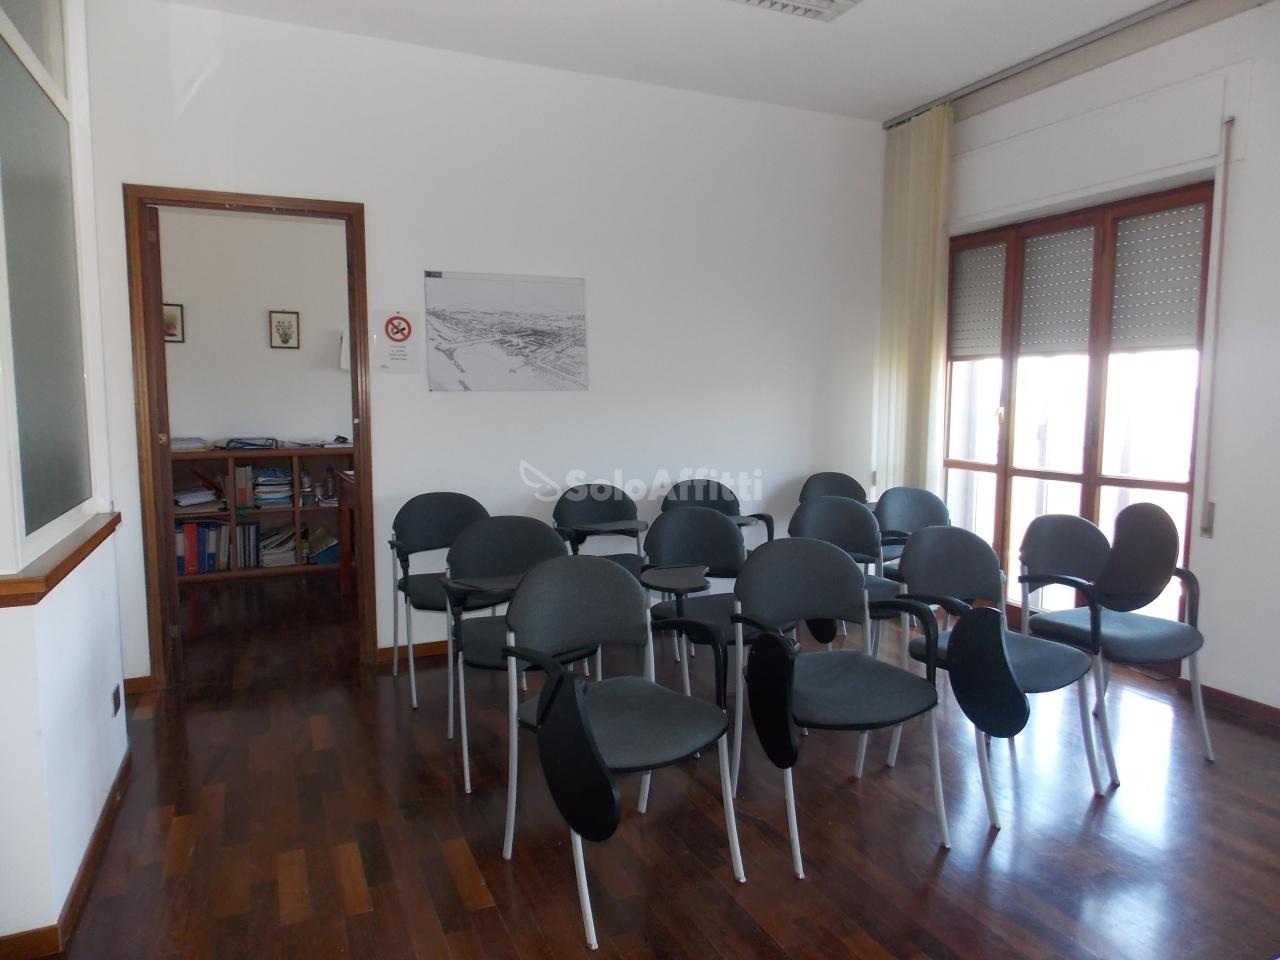 Ufficio diviso in ambienti/locali in affitto - 190 mq